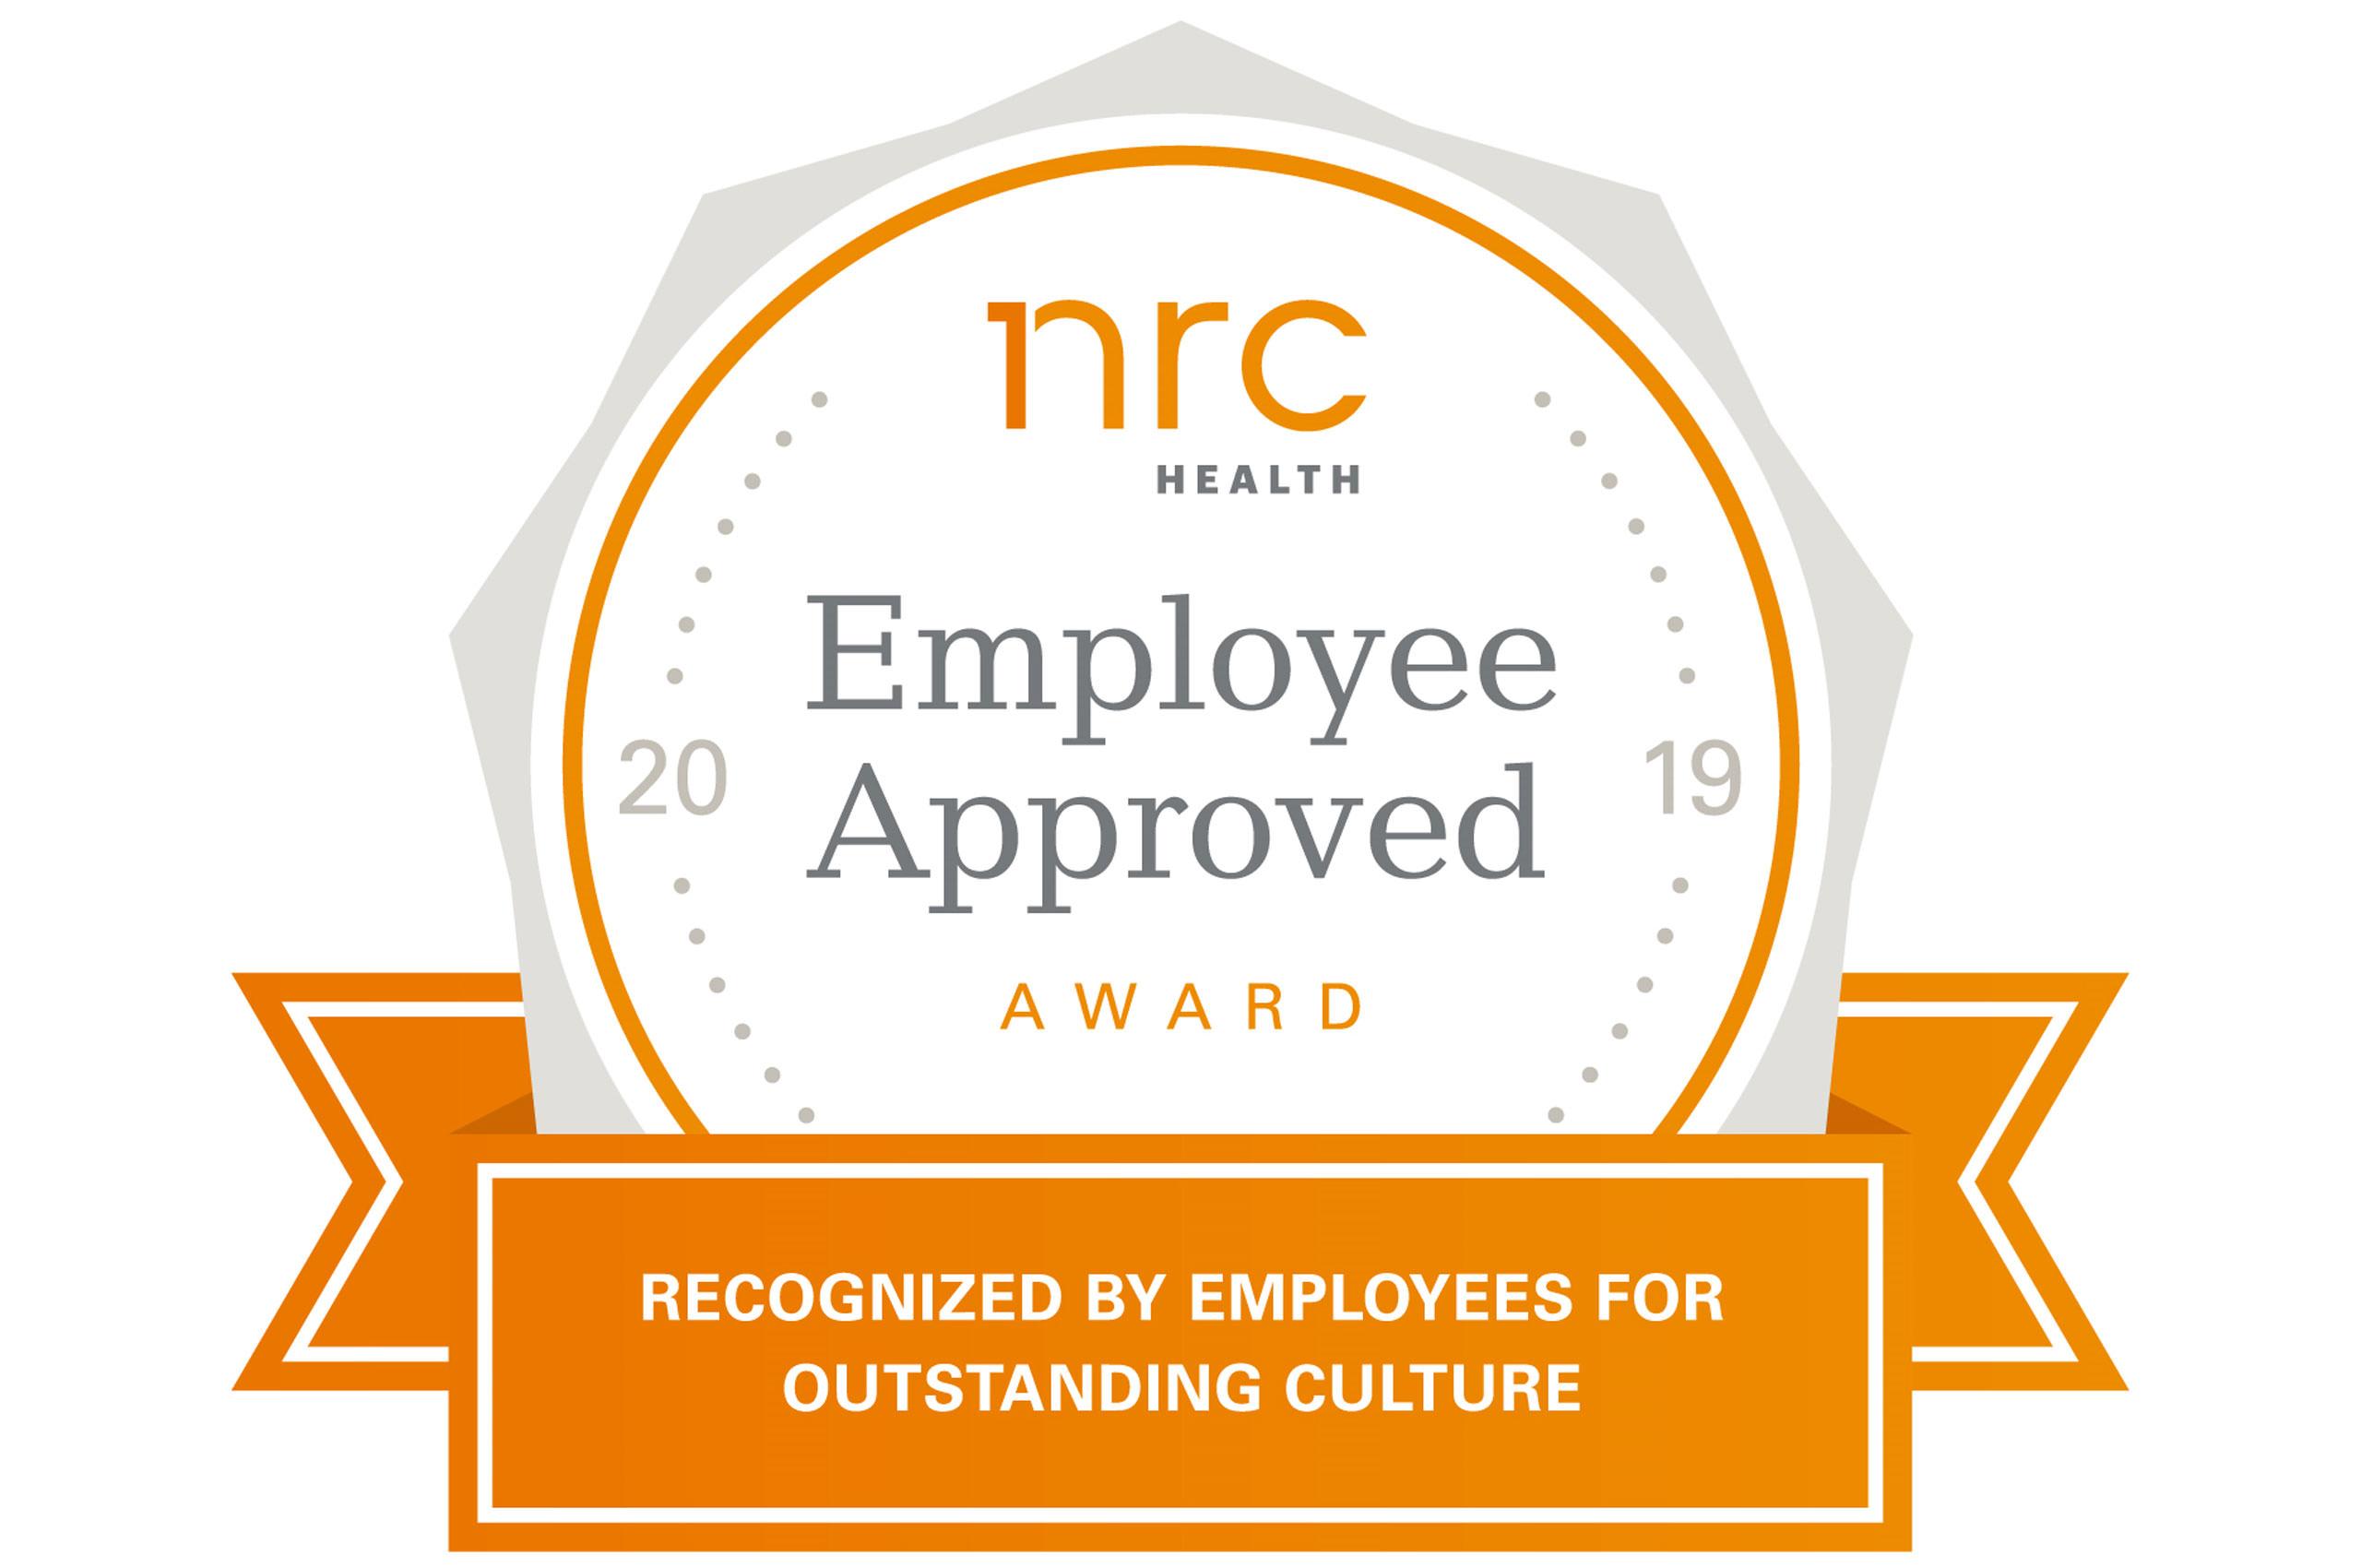 Legend of Hutchinson NRC award